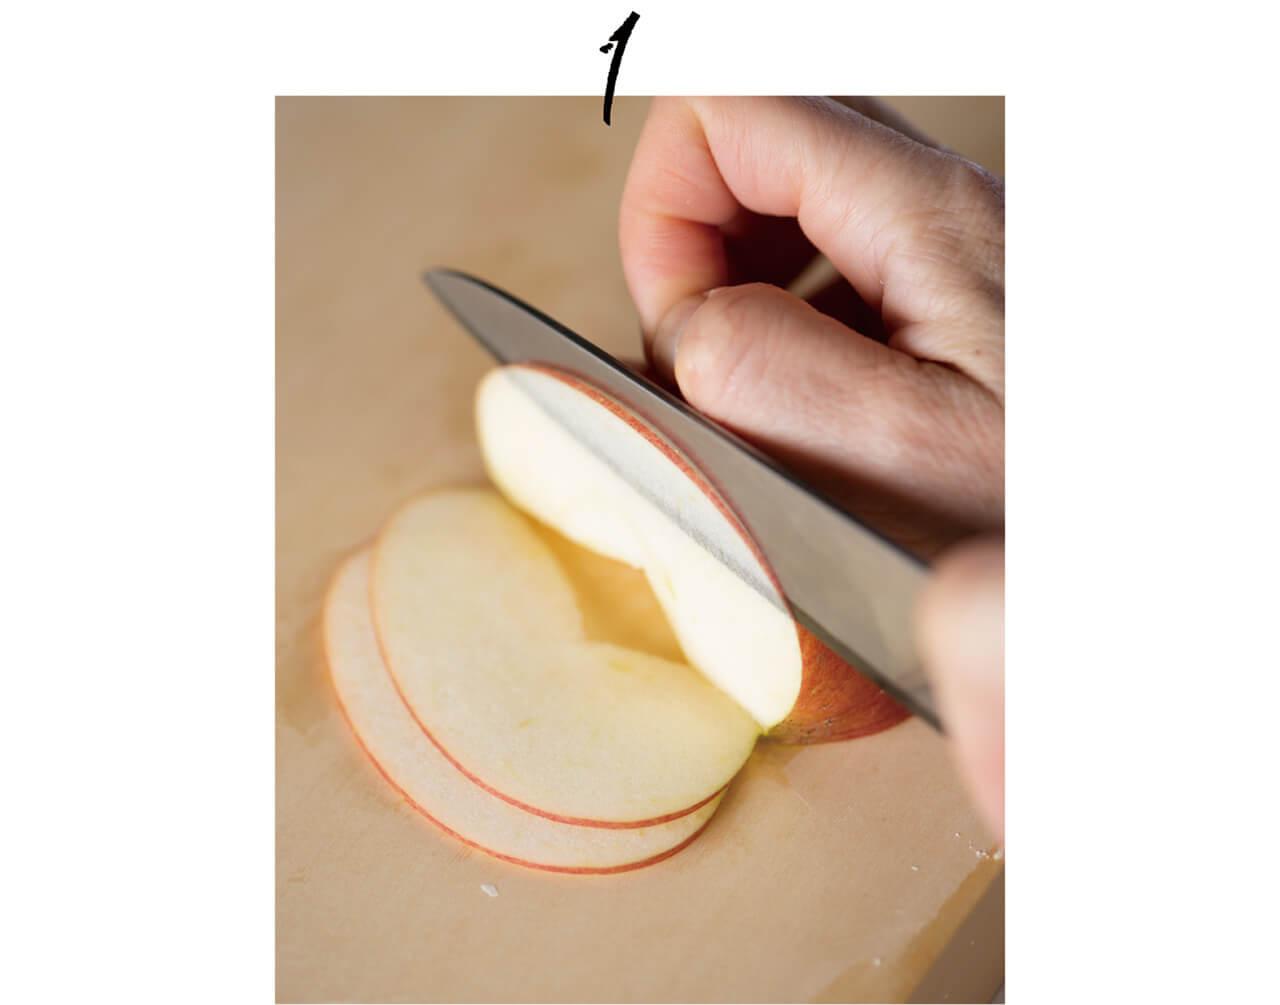 1.くし形切りにしてから薄切りにする。